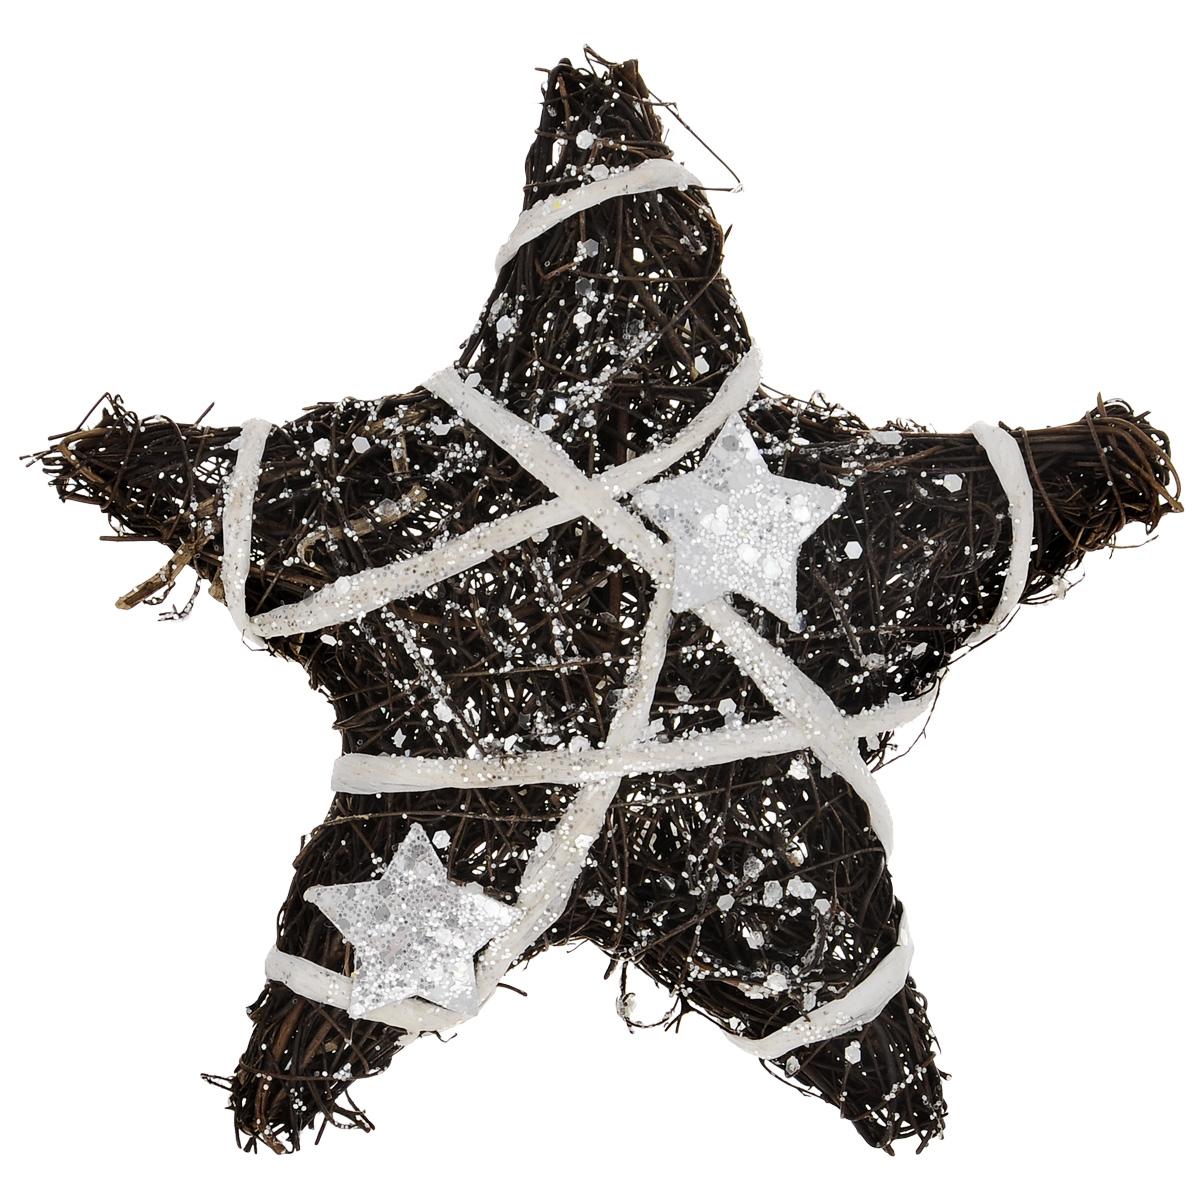 Новогоднее декоративное украшение ScrapBerrys Звездочка, 15 х 15 х 4 смSCB370216Украшение ScrapBerrys Звездочка имеет прочный металлический каркас, декорированный небольшими плетеными прутьями, бумажной лентой и звездами, покрытый сверкающим глиттером. Декоративная звездочка дополнит интерьер любого помещения, а также может стать оригинальным подарком для ваших друзей и близких. Оформление помещения декоративным украшением создаст праздничную, по-настоящему радостную и теплую атмосферу. Новогодние украшения всегда несут в себе волшебство и красоту праздника. Создайте в своем доме атмосферу тепла, веселья и радости, украшая его всей семьей.